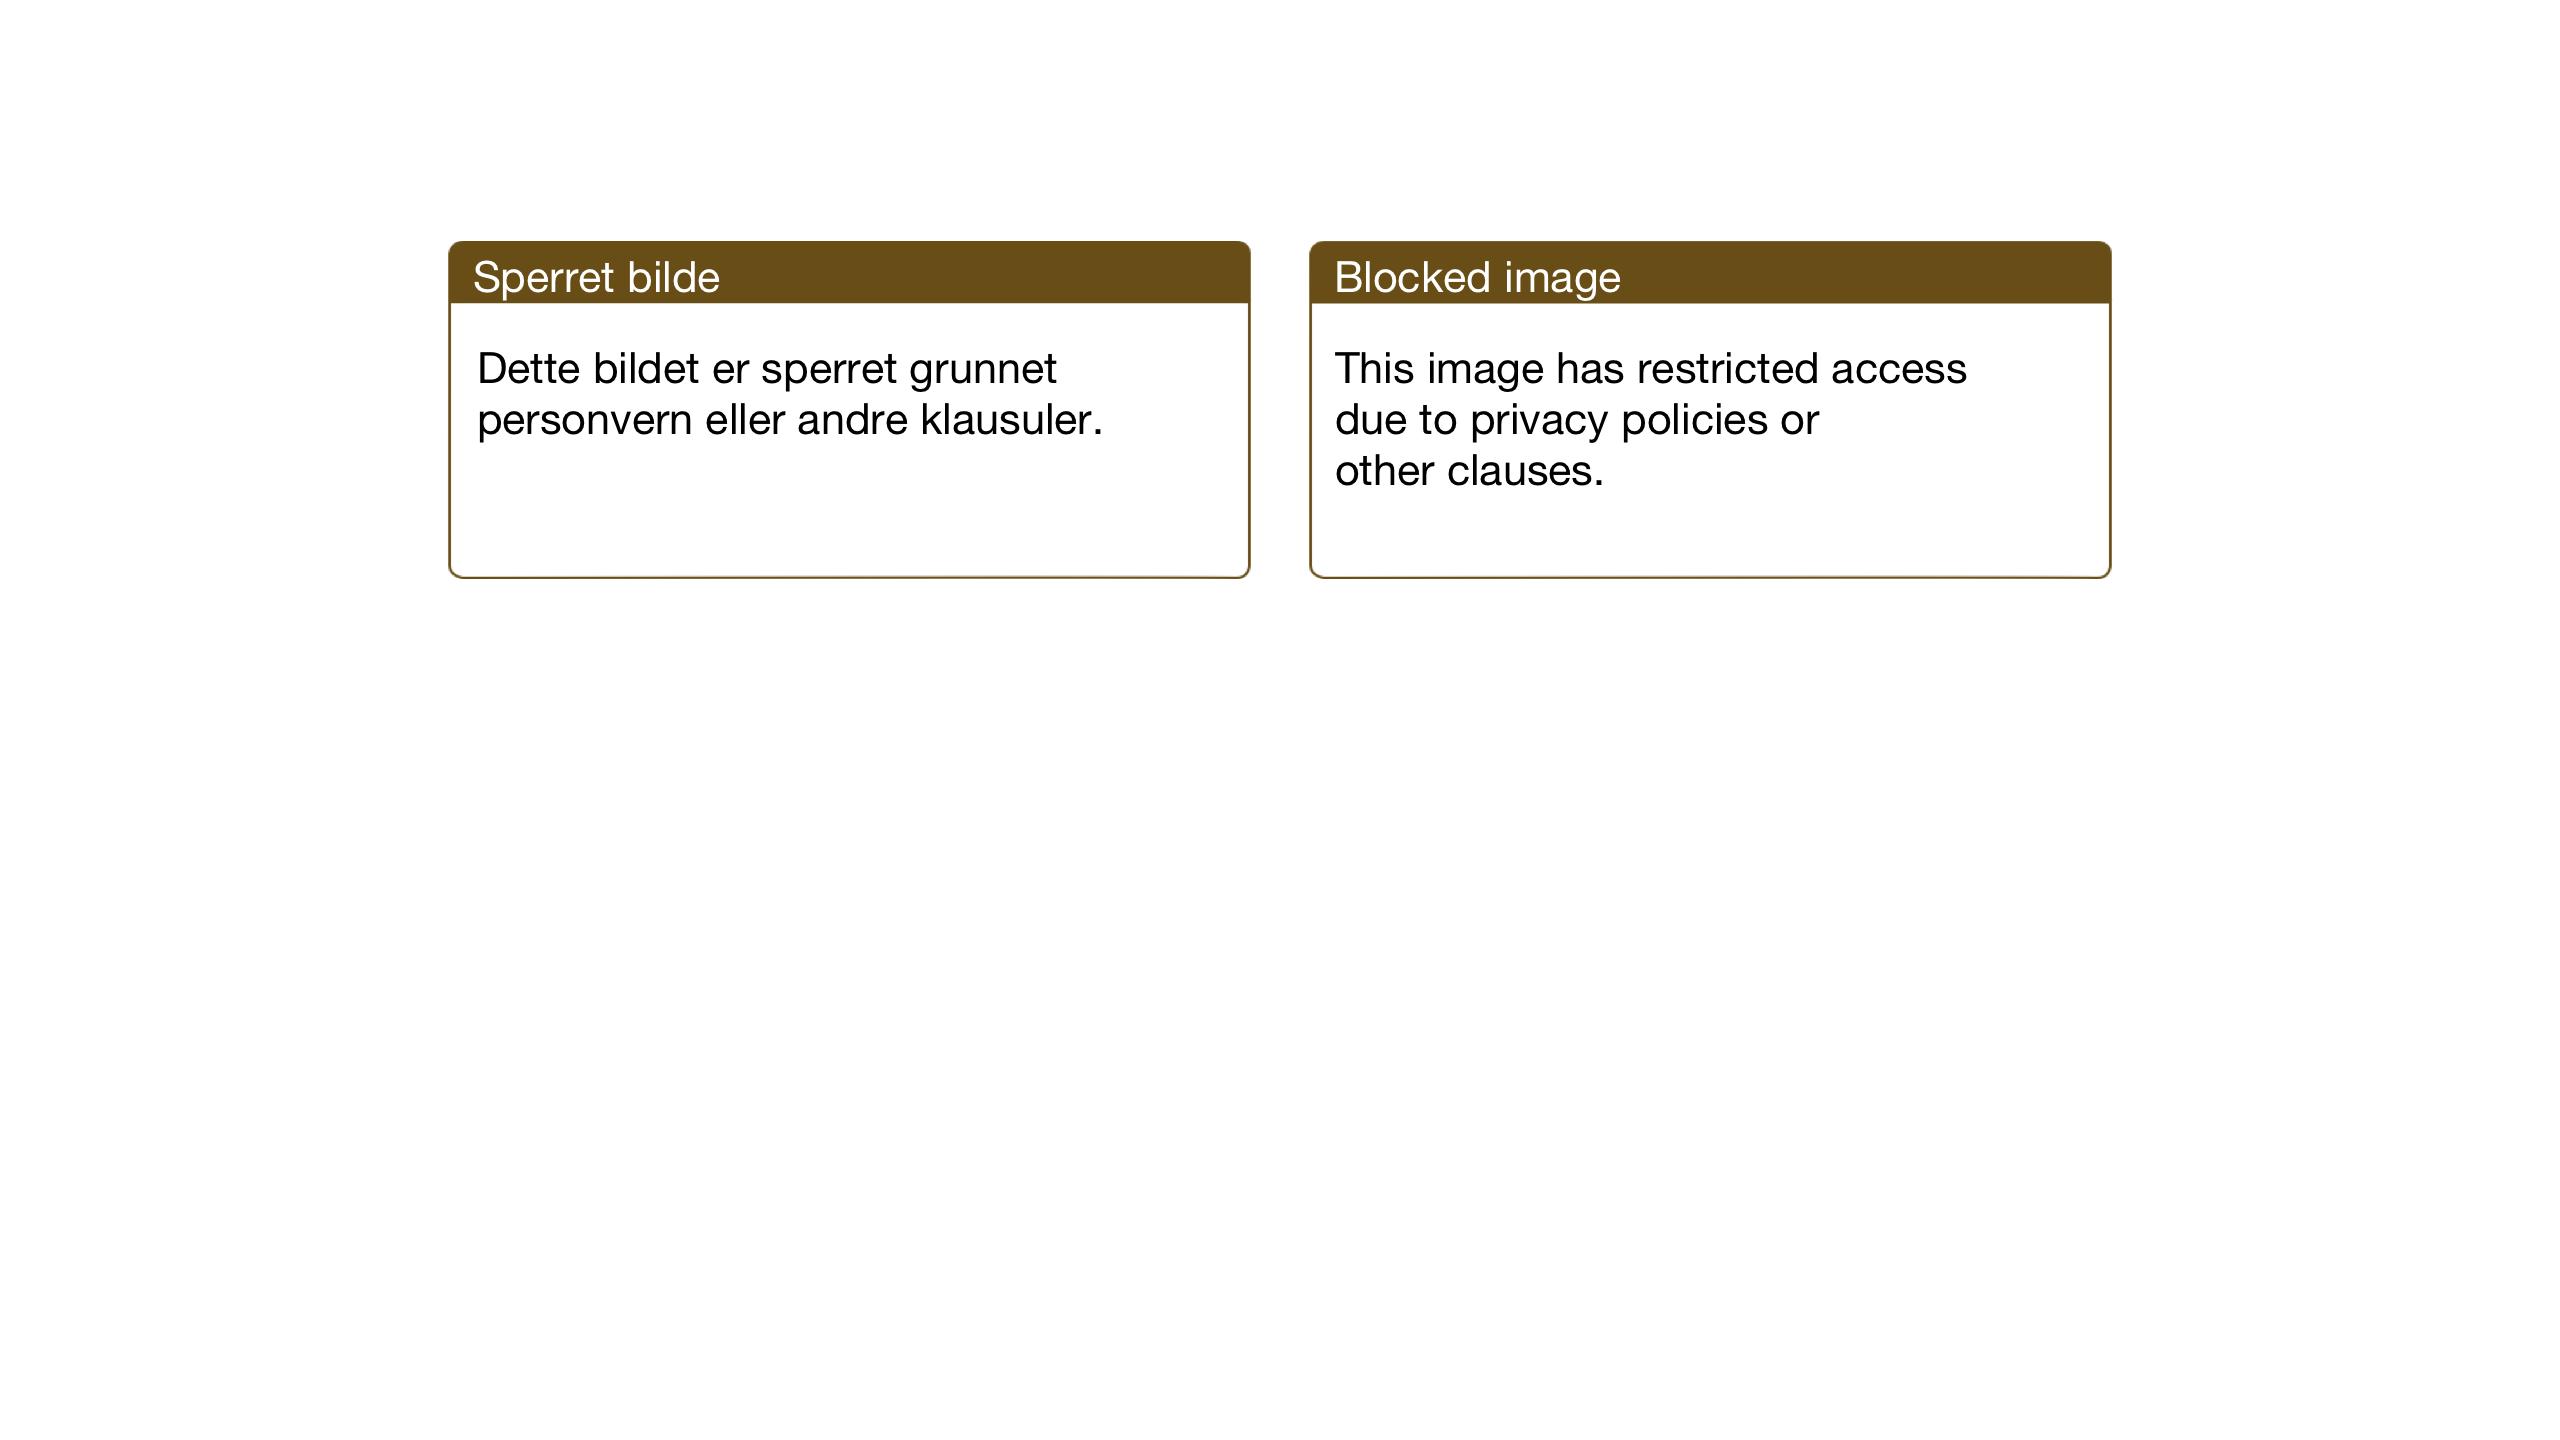 SAT, Ministerialprotokoller, klokkerbøker og fødselsregistre - Sør-Trøndelag, 667/L0799: Klokkerbok nr. 667C04, 1929-1950, s. 74